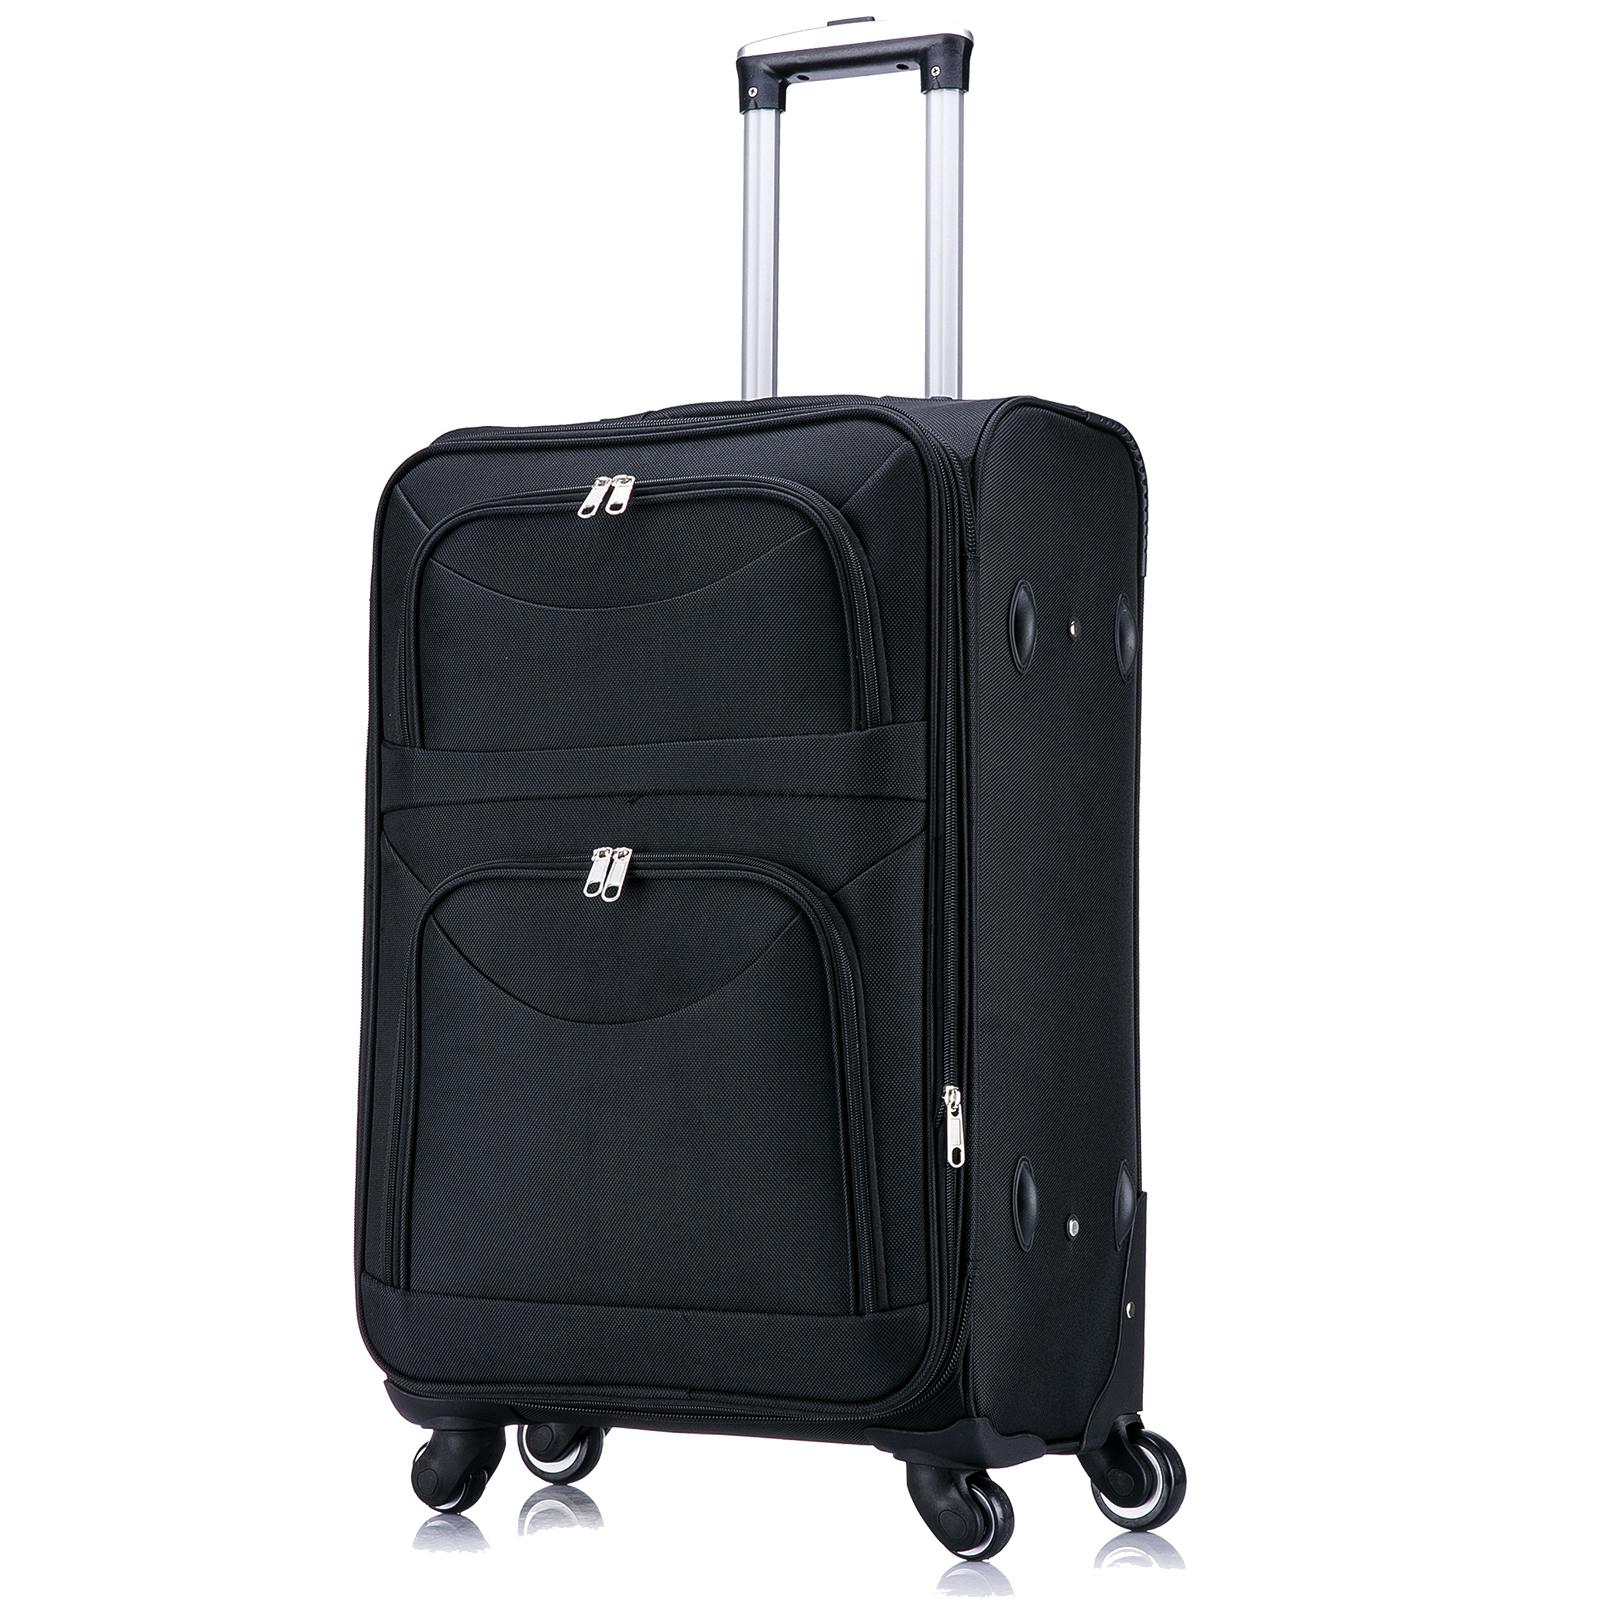 koffer trolley weichgep ck reisekoffer stoff handgep ck xl. Black Bedroom Furniture Sets. Home Design Ideas